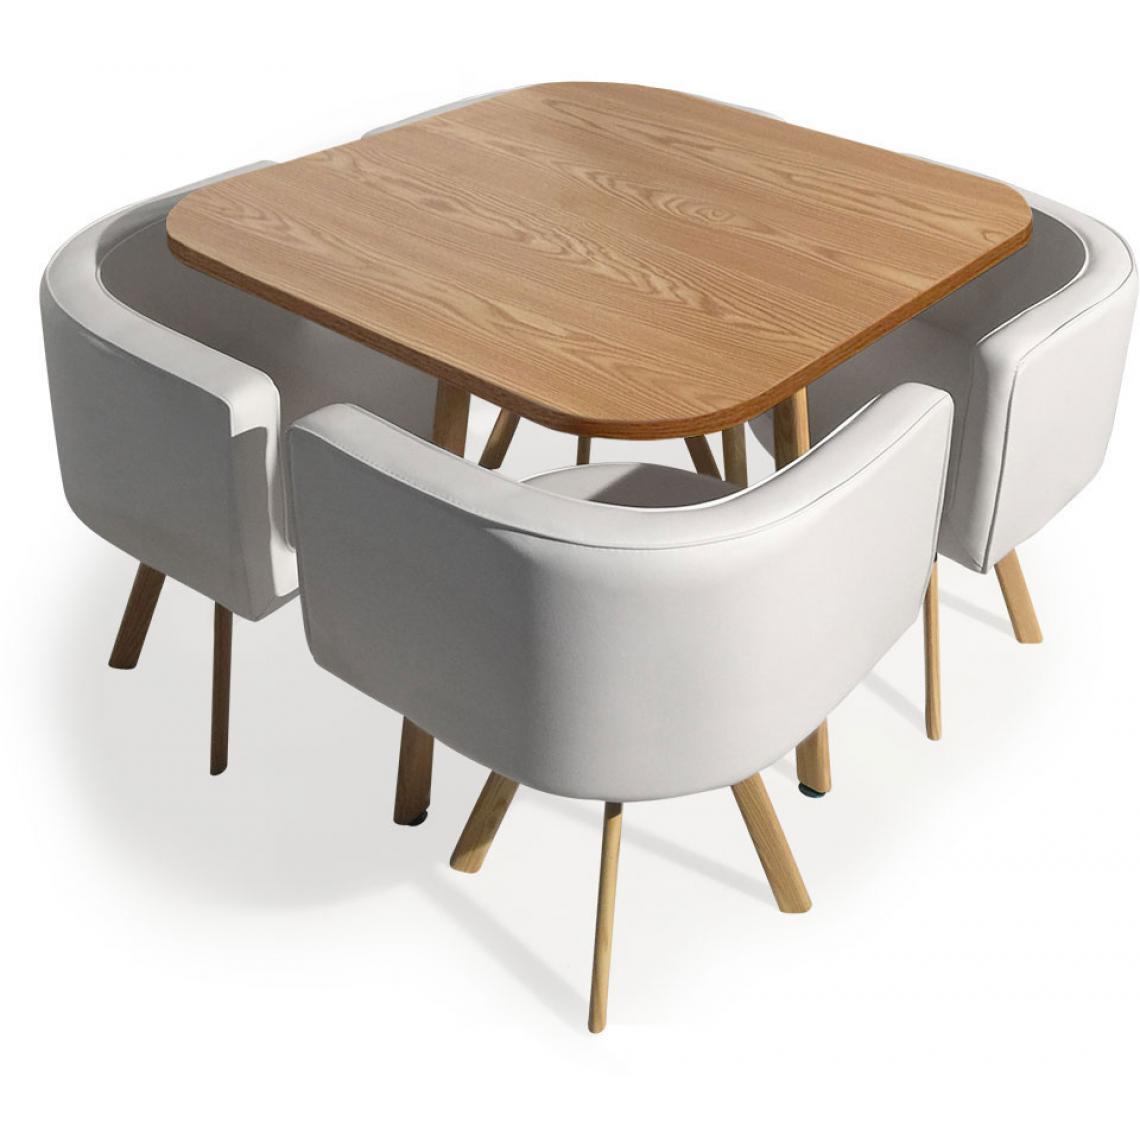 table et chaises encastrables scandinaves chene copenhague